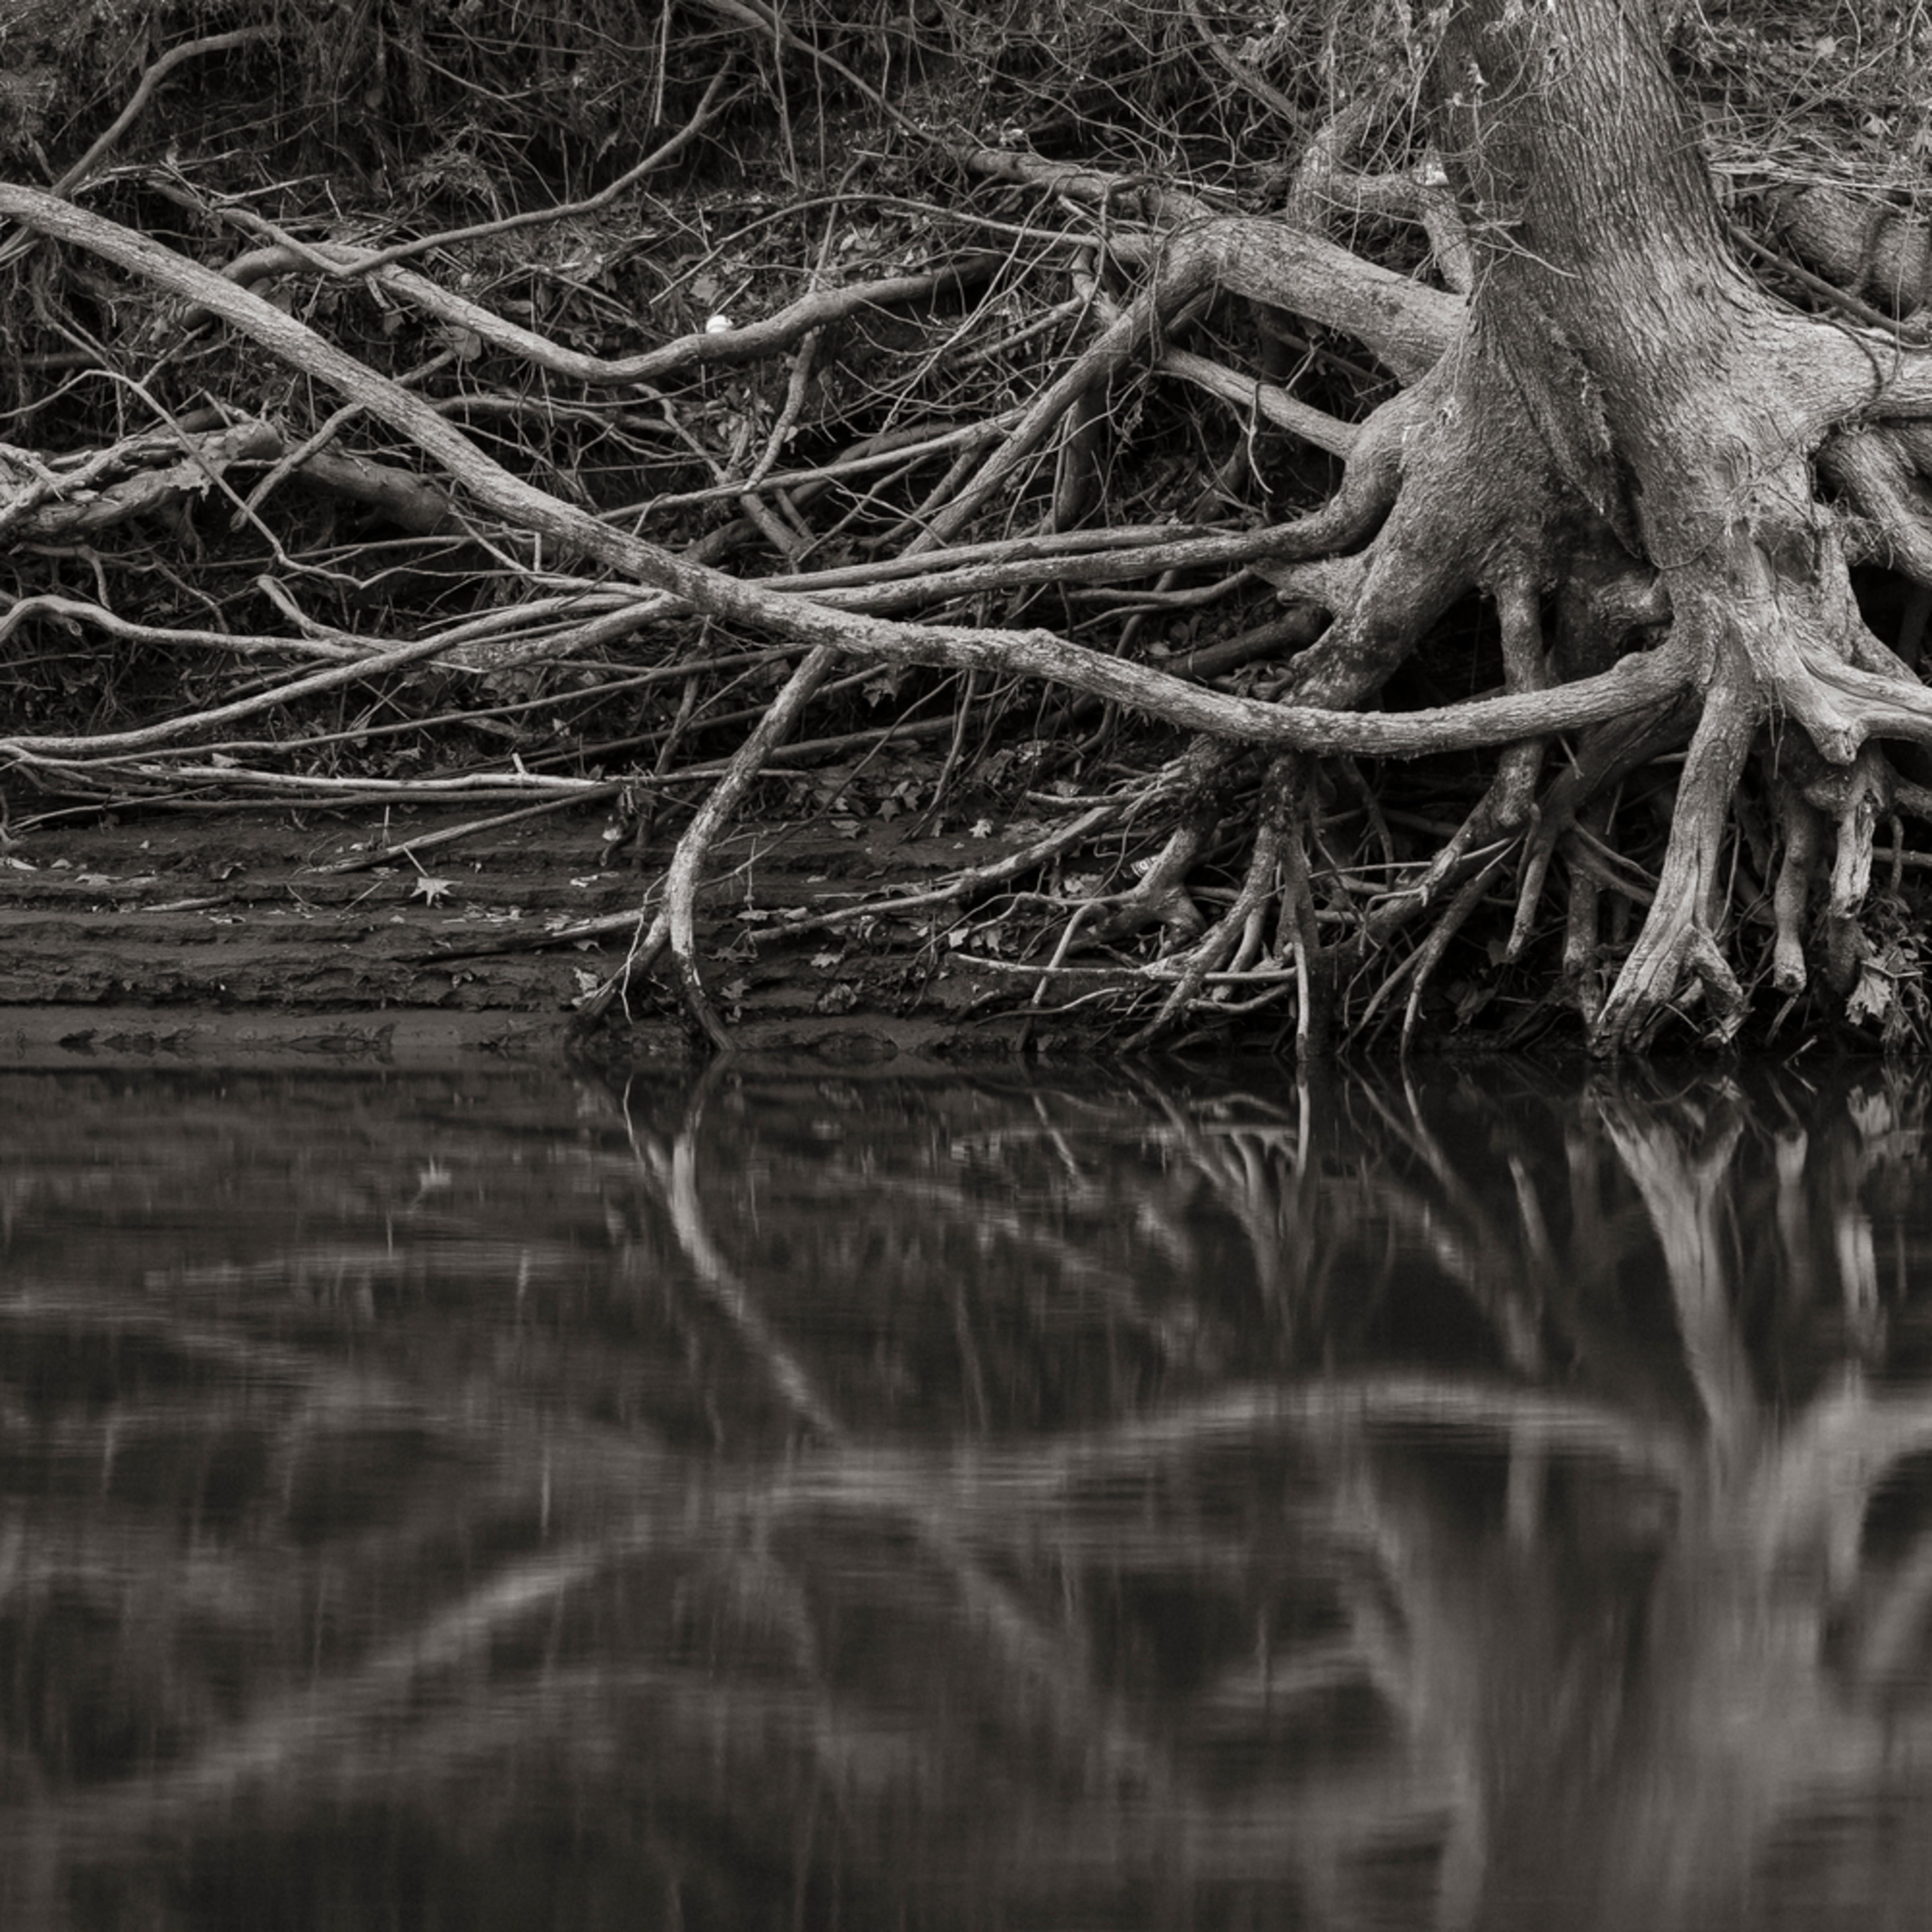 Roots luecyq